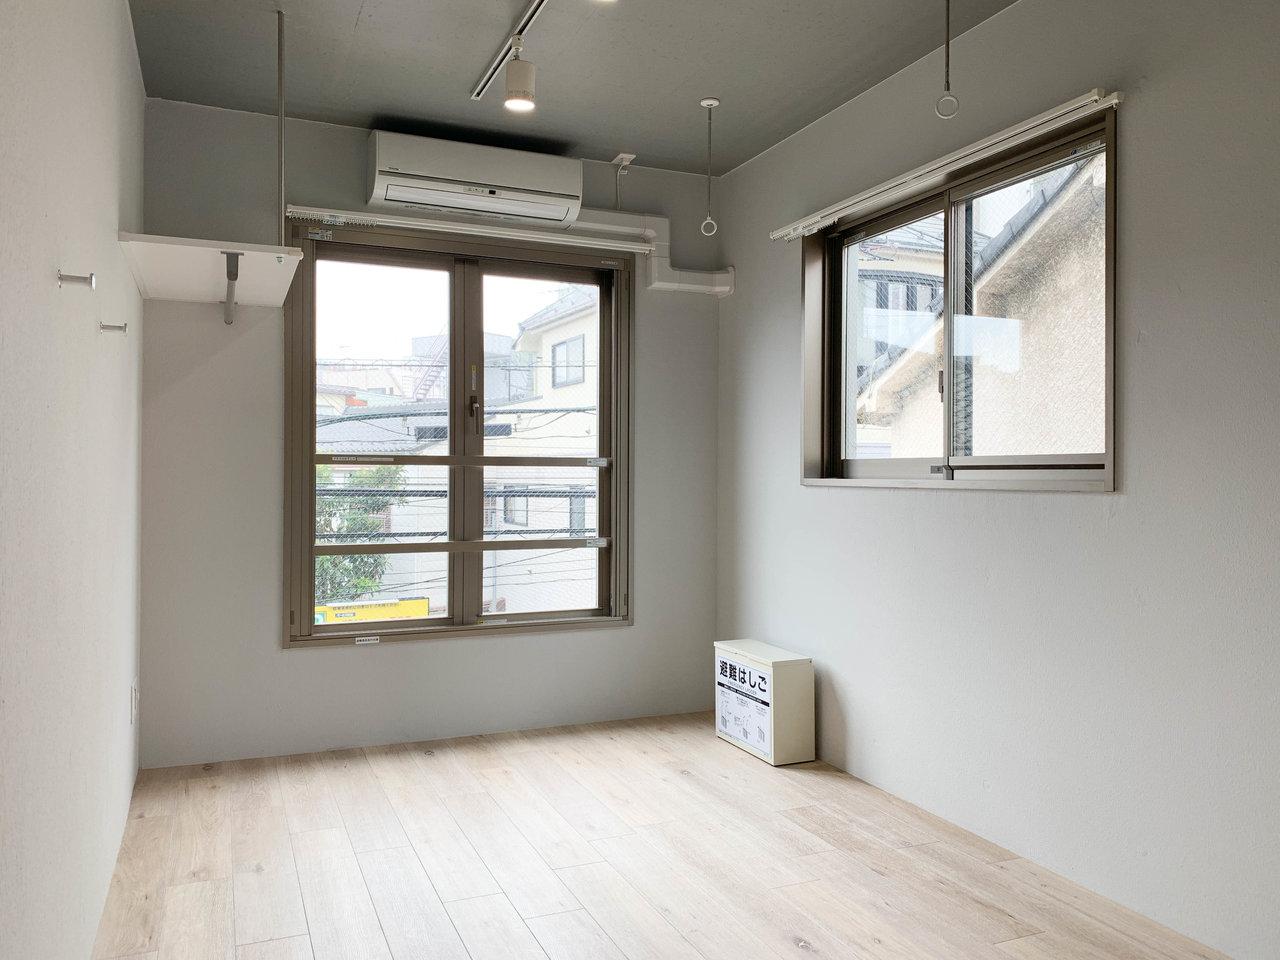 やや駅から遠目ですが、いいお部屋なのでご紹介。設計者の〈愛〉が詰まったワンルームです。こちらも工夫が行き届いていて、とっても暮らしやすそうです。